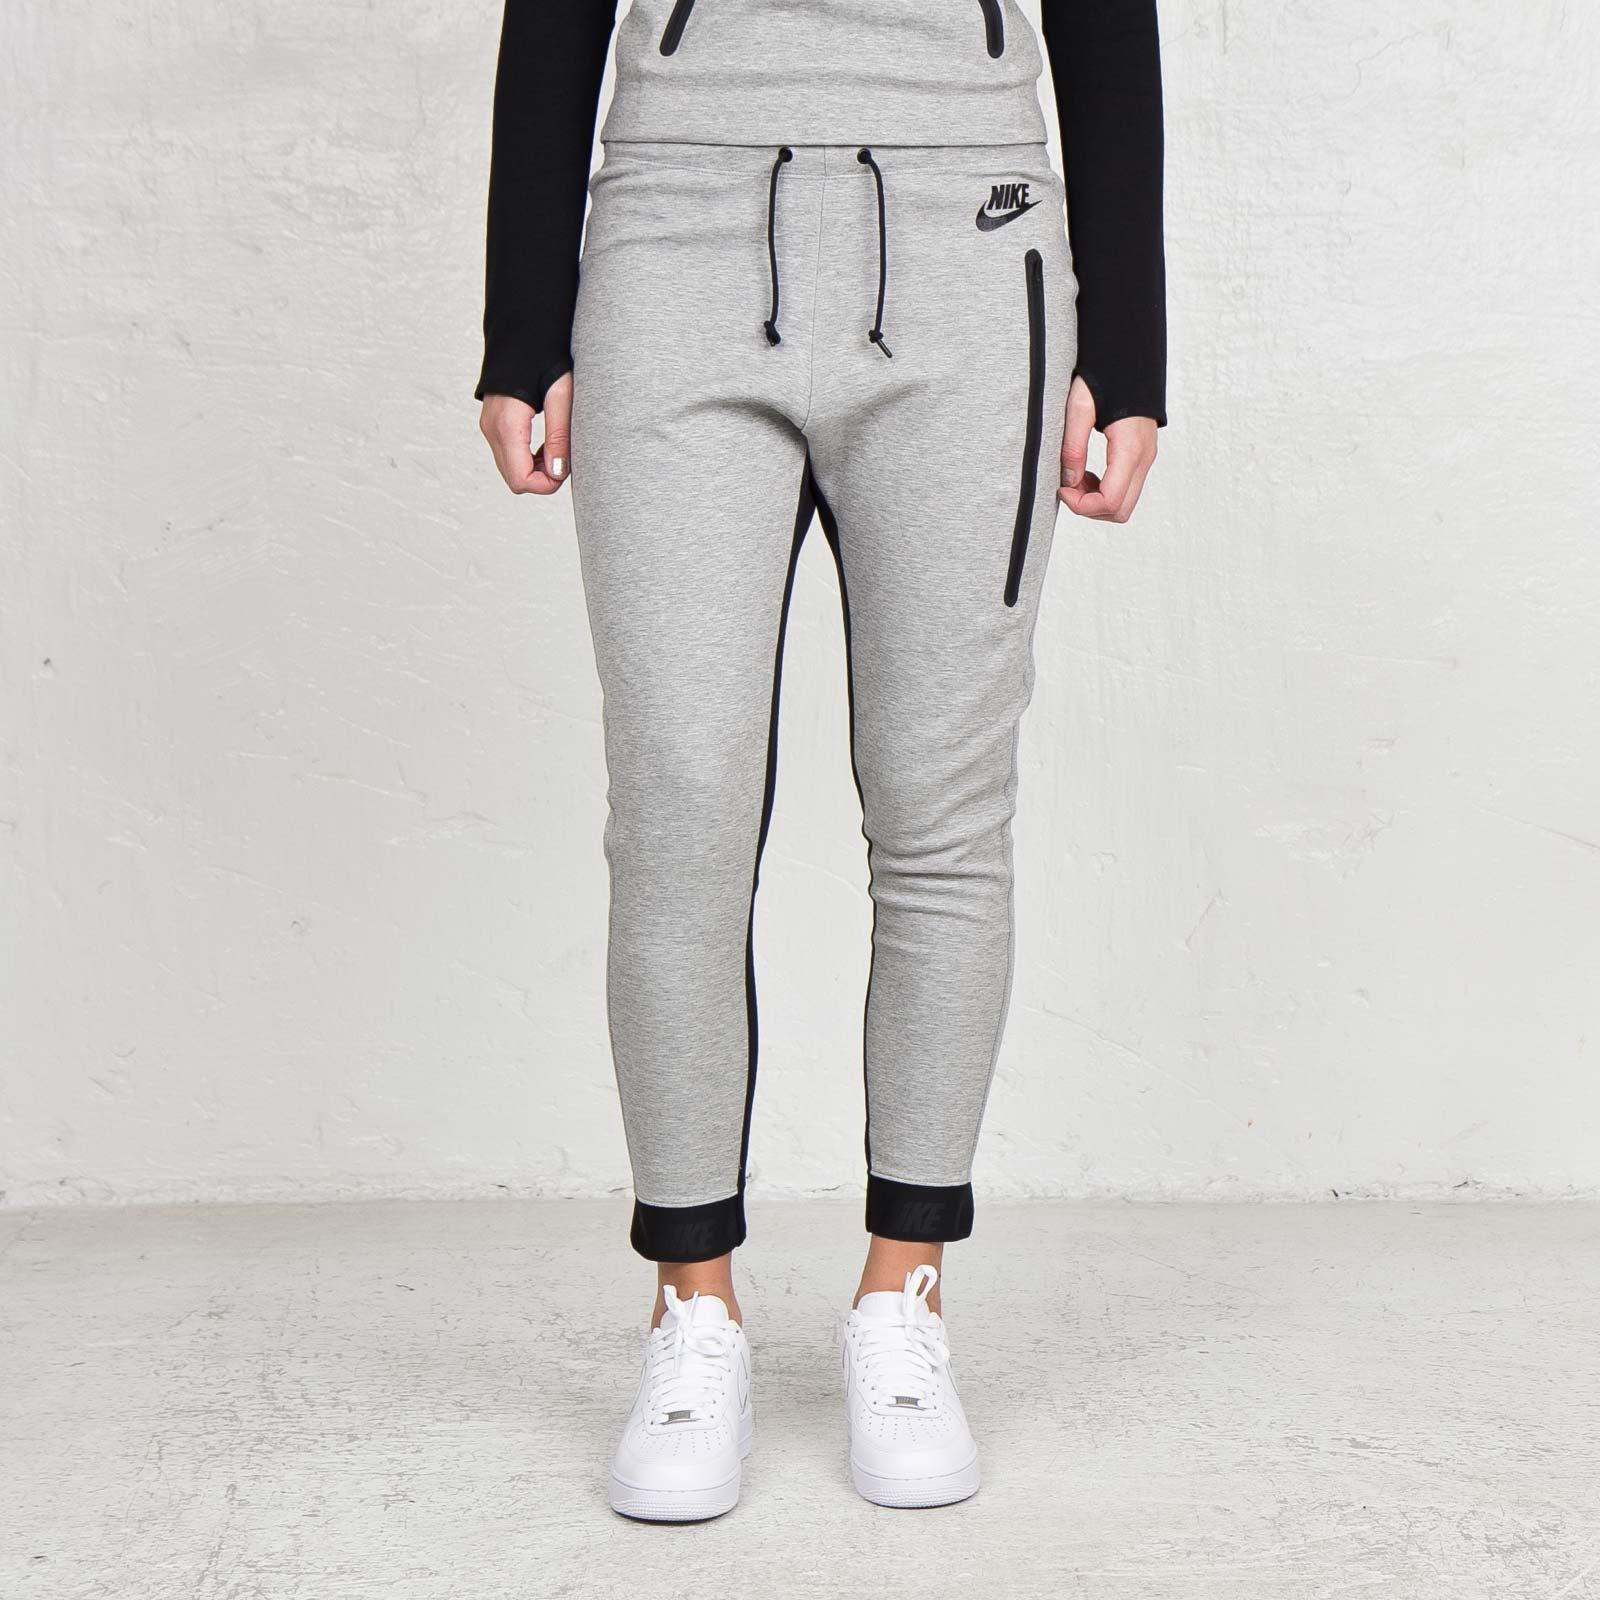 e6bb71c4 Nike Tech Fleece Pant - 617325-063 - Sneakersnstuff   sneakers ...